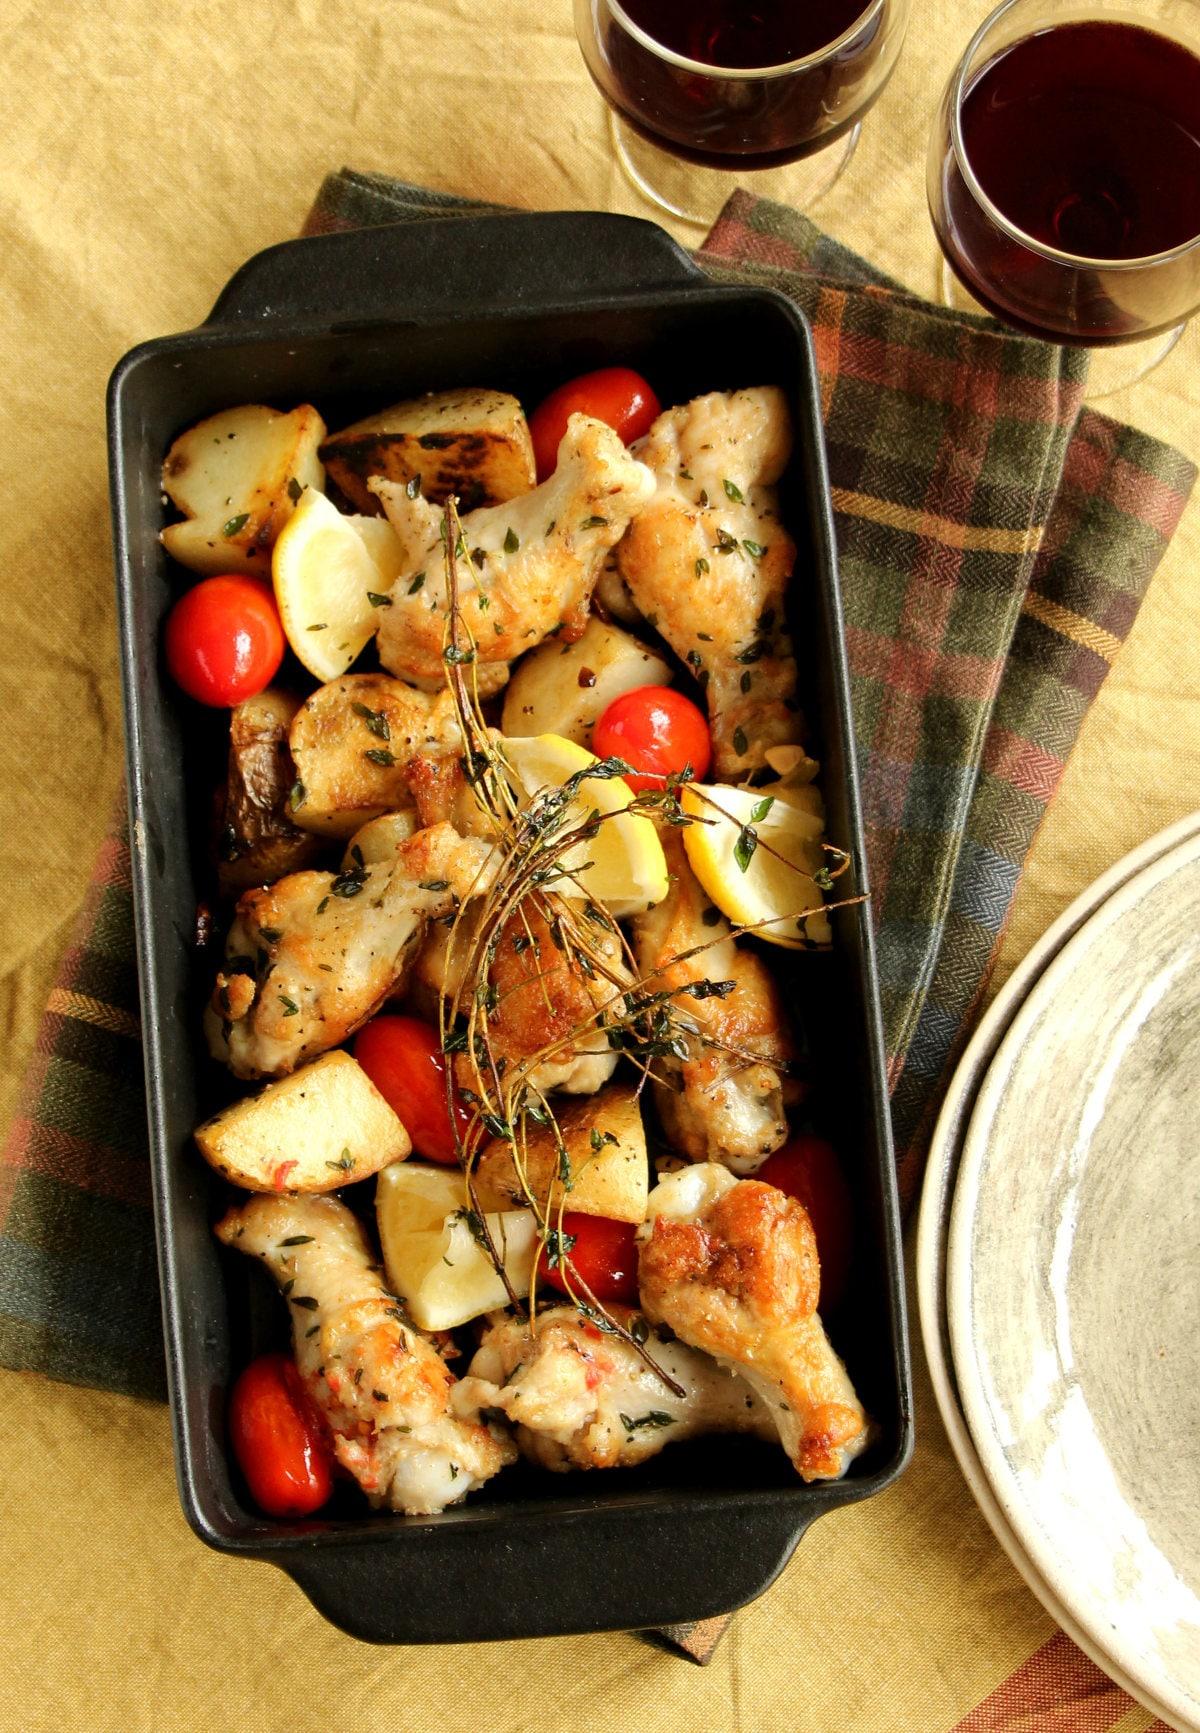 簡単で豪華!一品料理のおすすめ激うまレシピ15選の画像